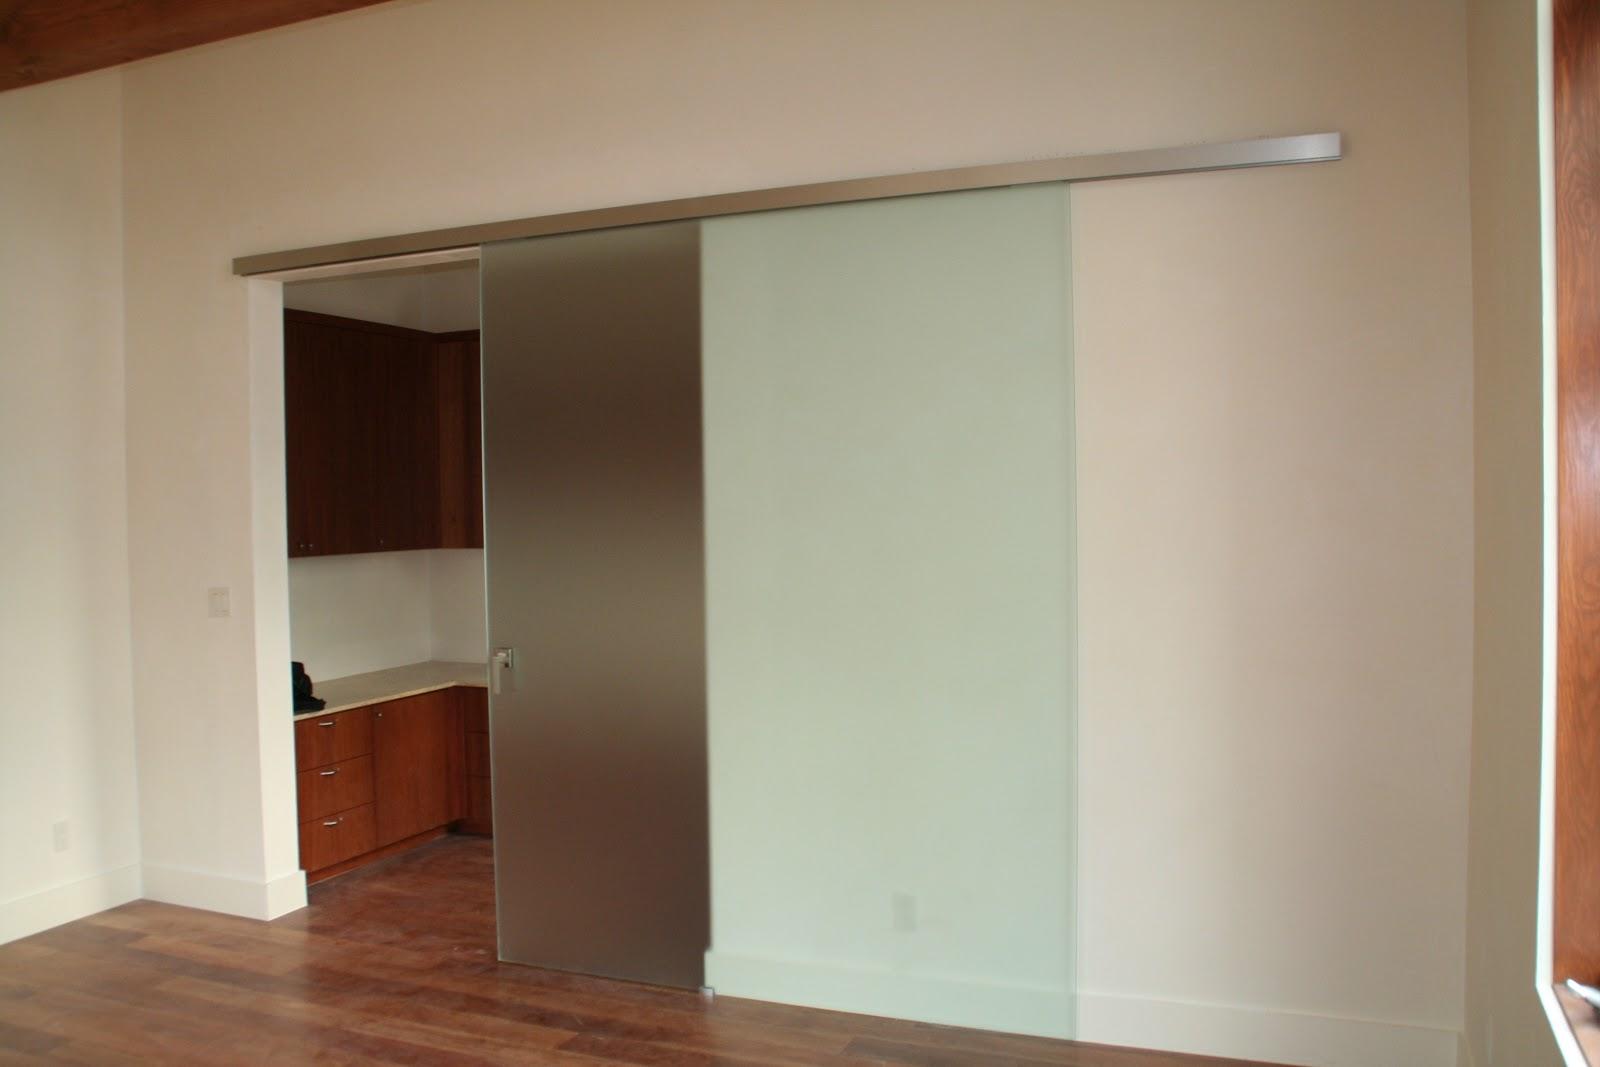 IKEA Sliding Door Wall Divider 3264